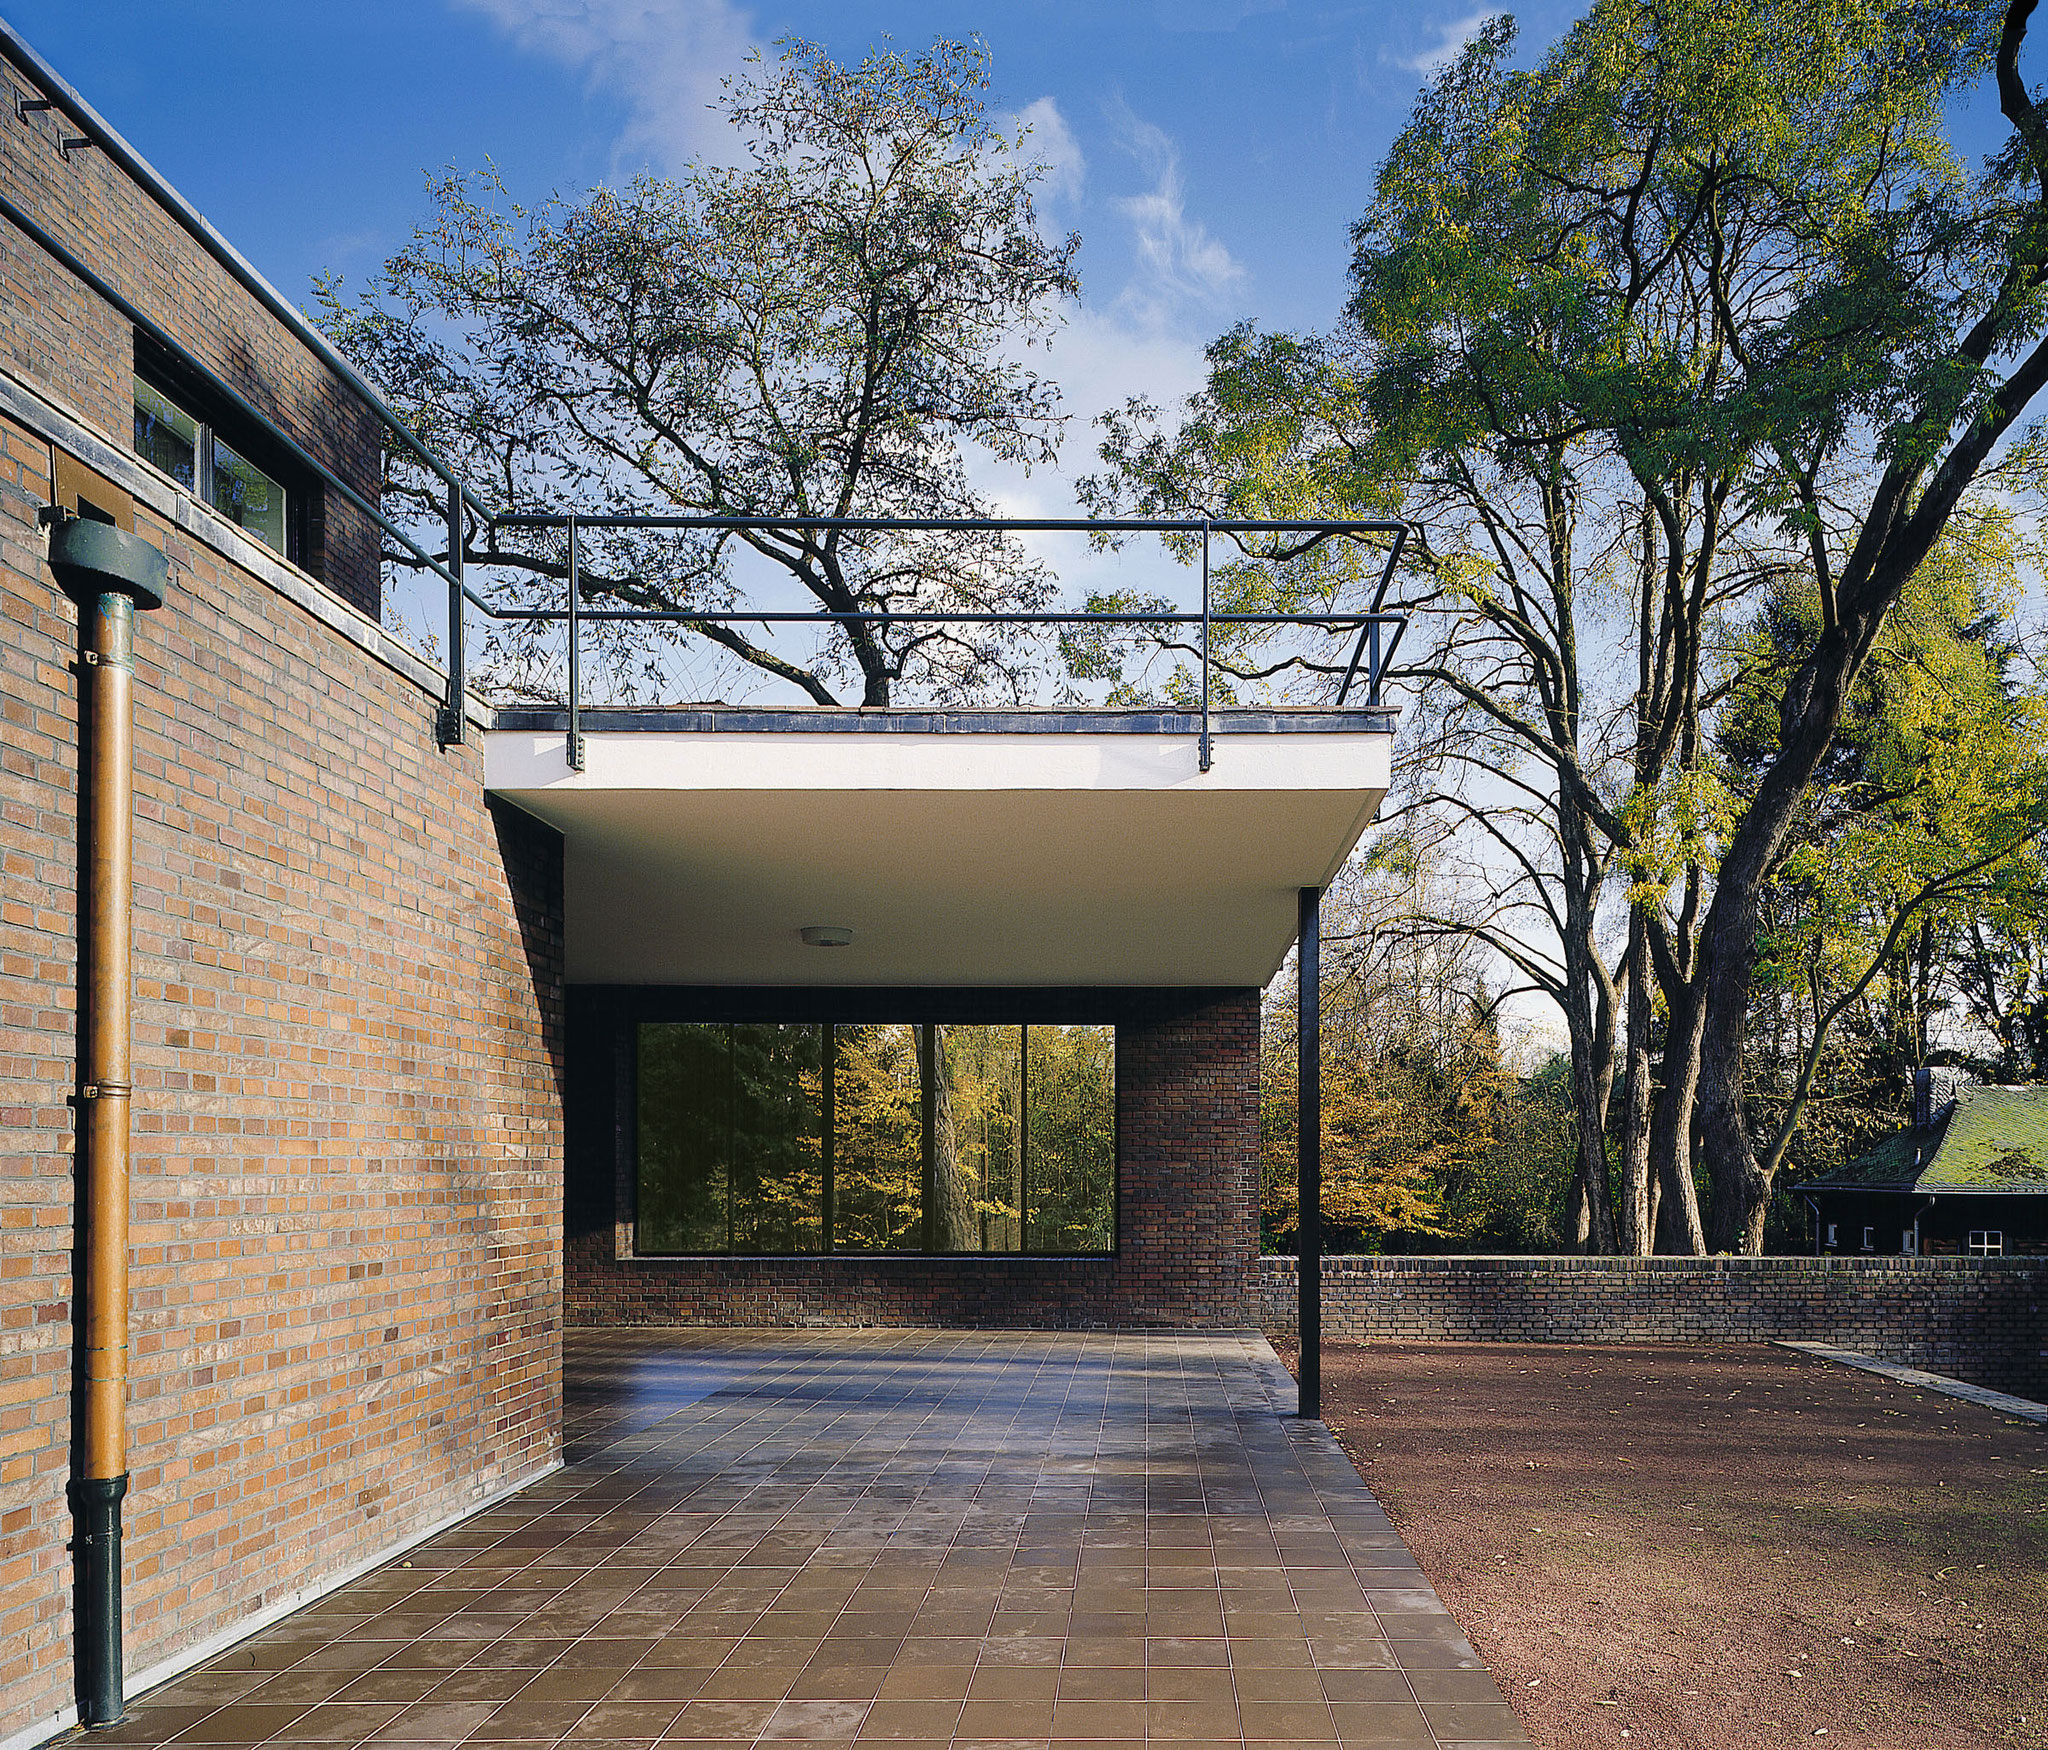 Haus Ester, Gartenseite mit Terrassenbereich. Süden. Foto: Volker Döhne.